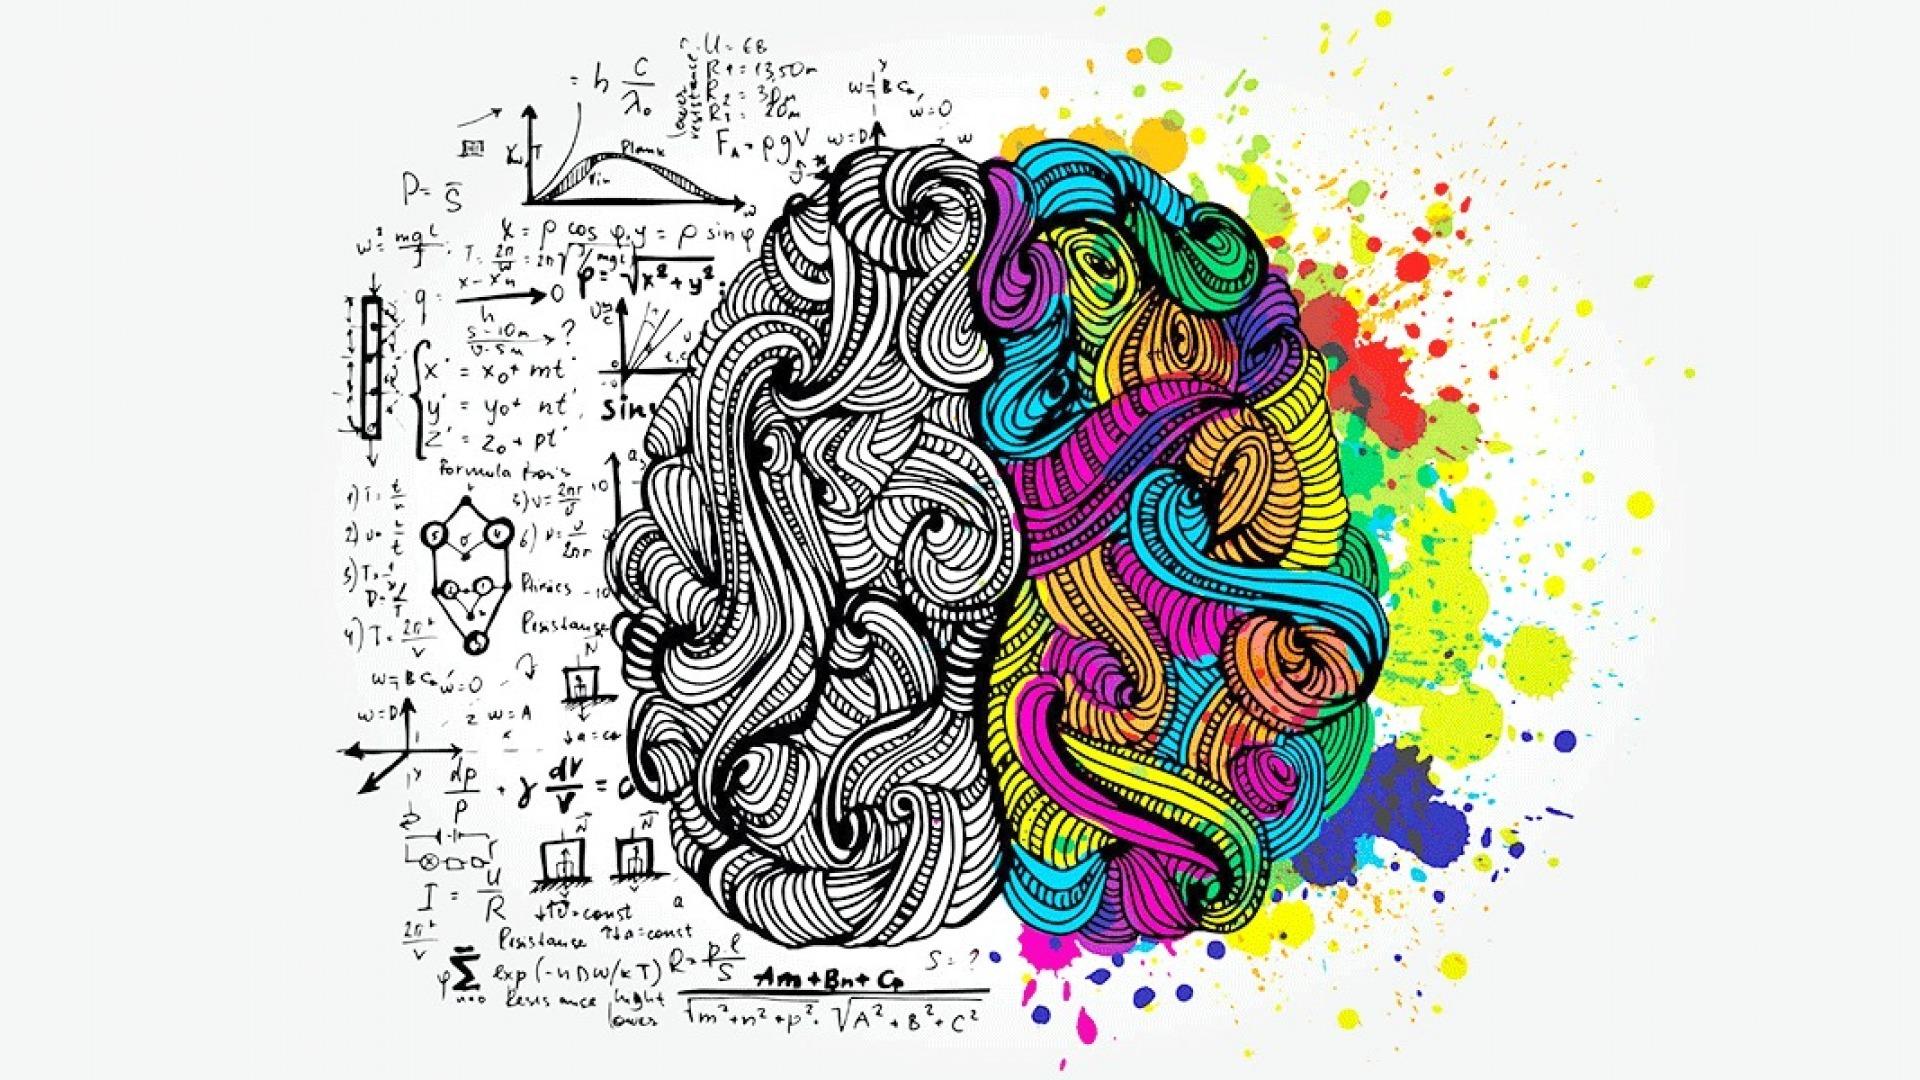 immagine blog Il metodo migliore per essere tecnicamente creativi